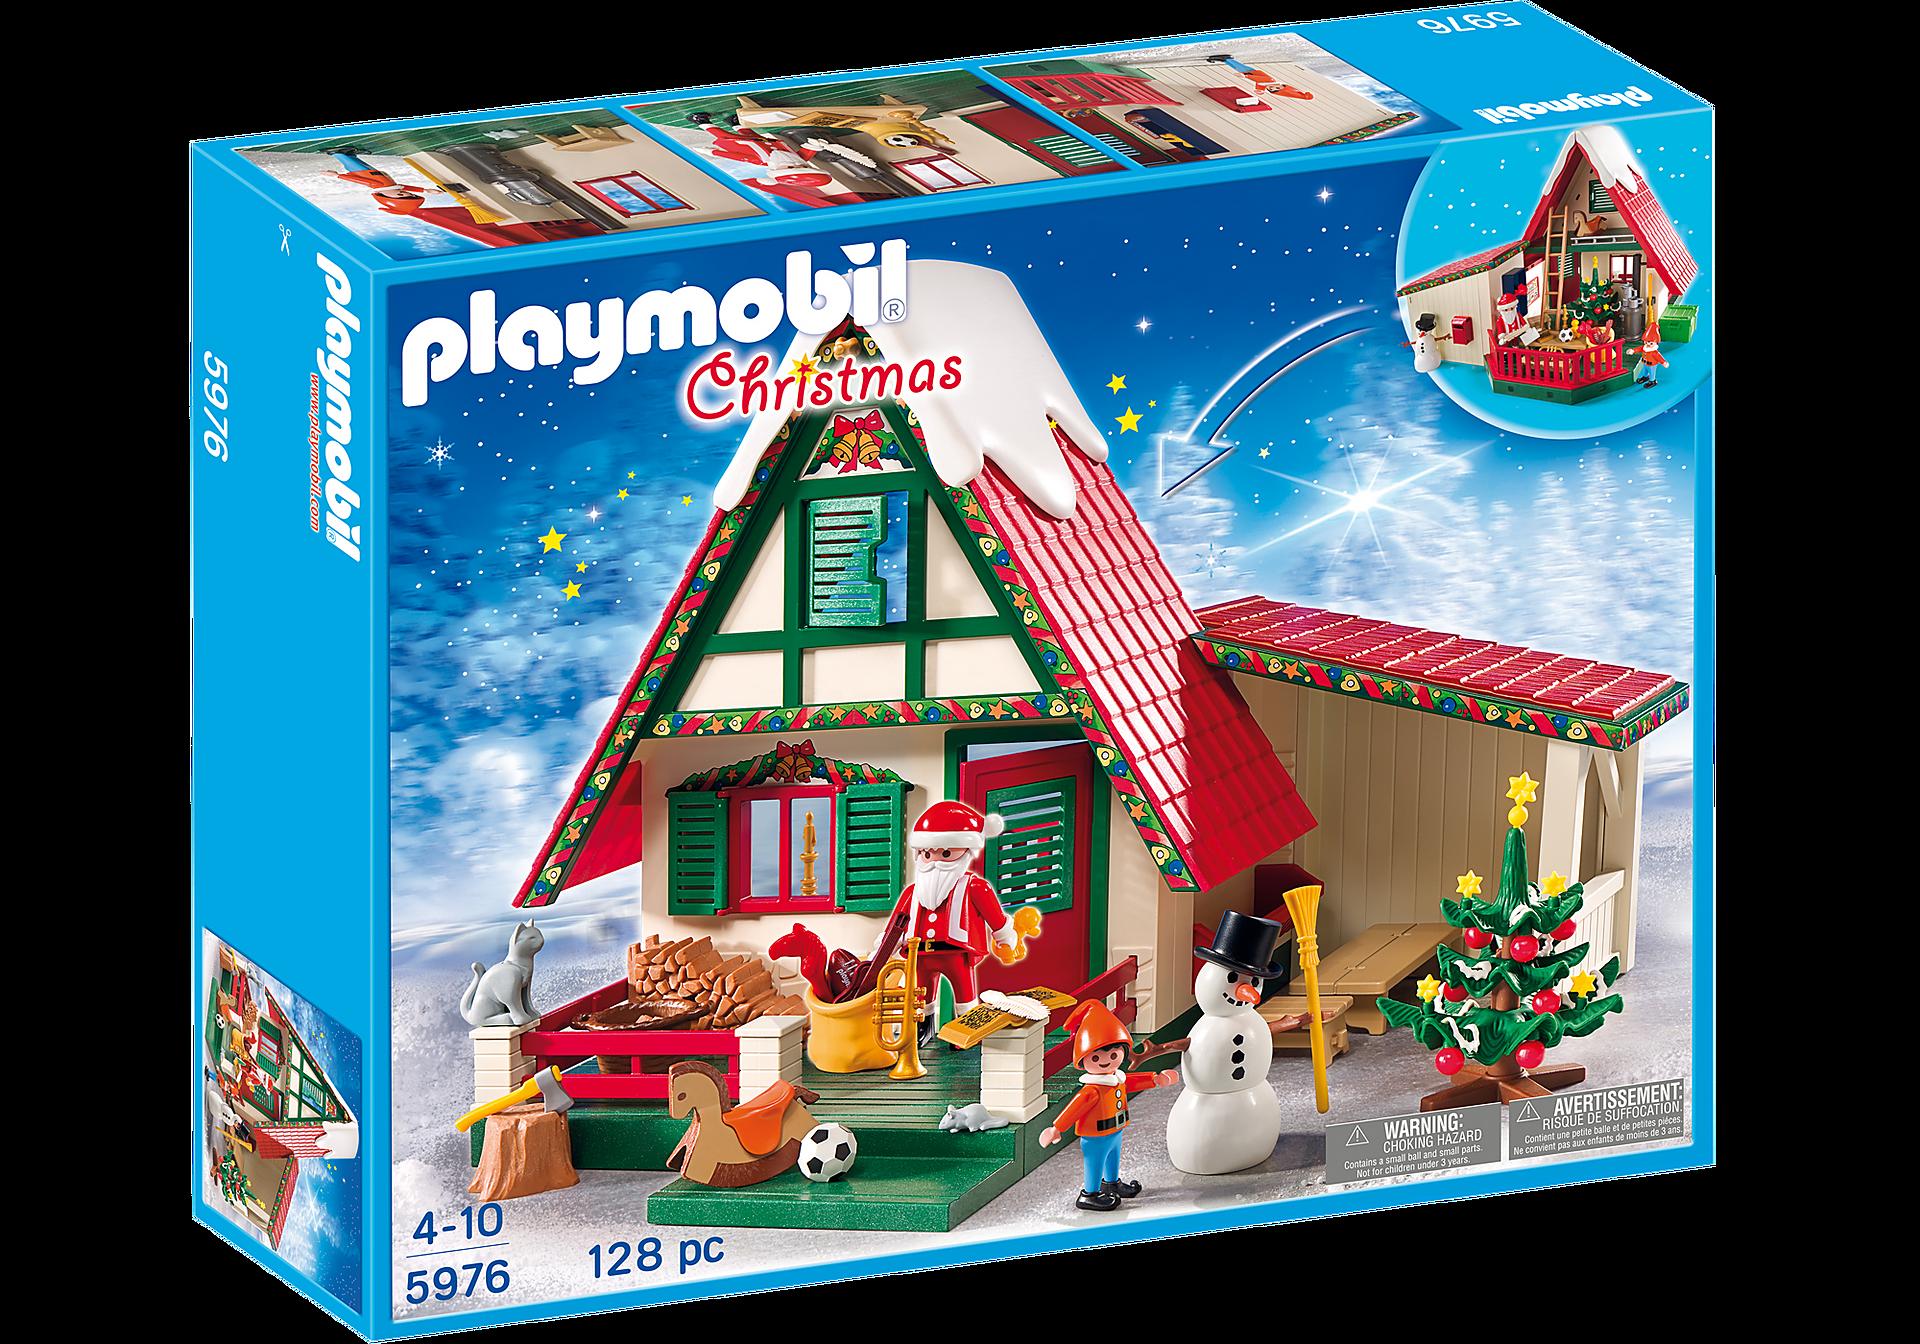 5976 Maisonnette du Père Noël zoom image3